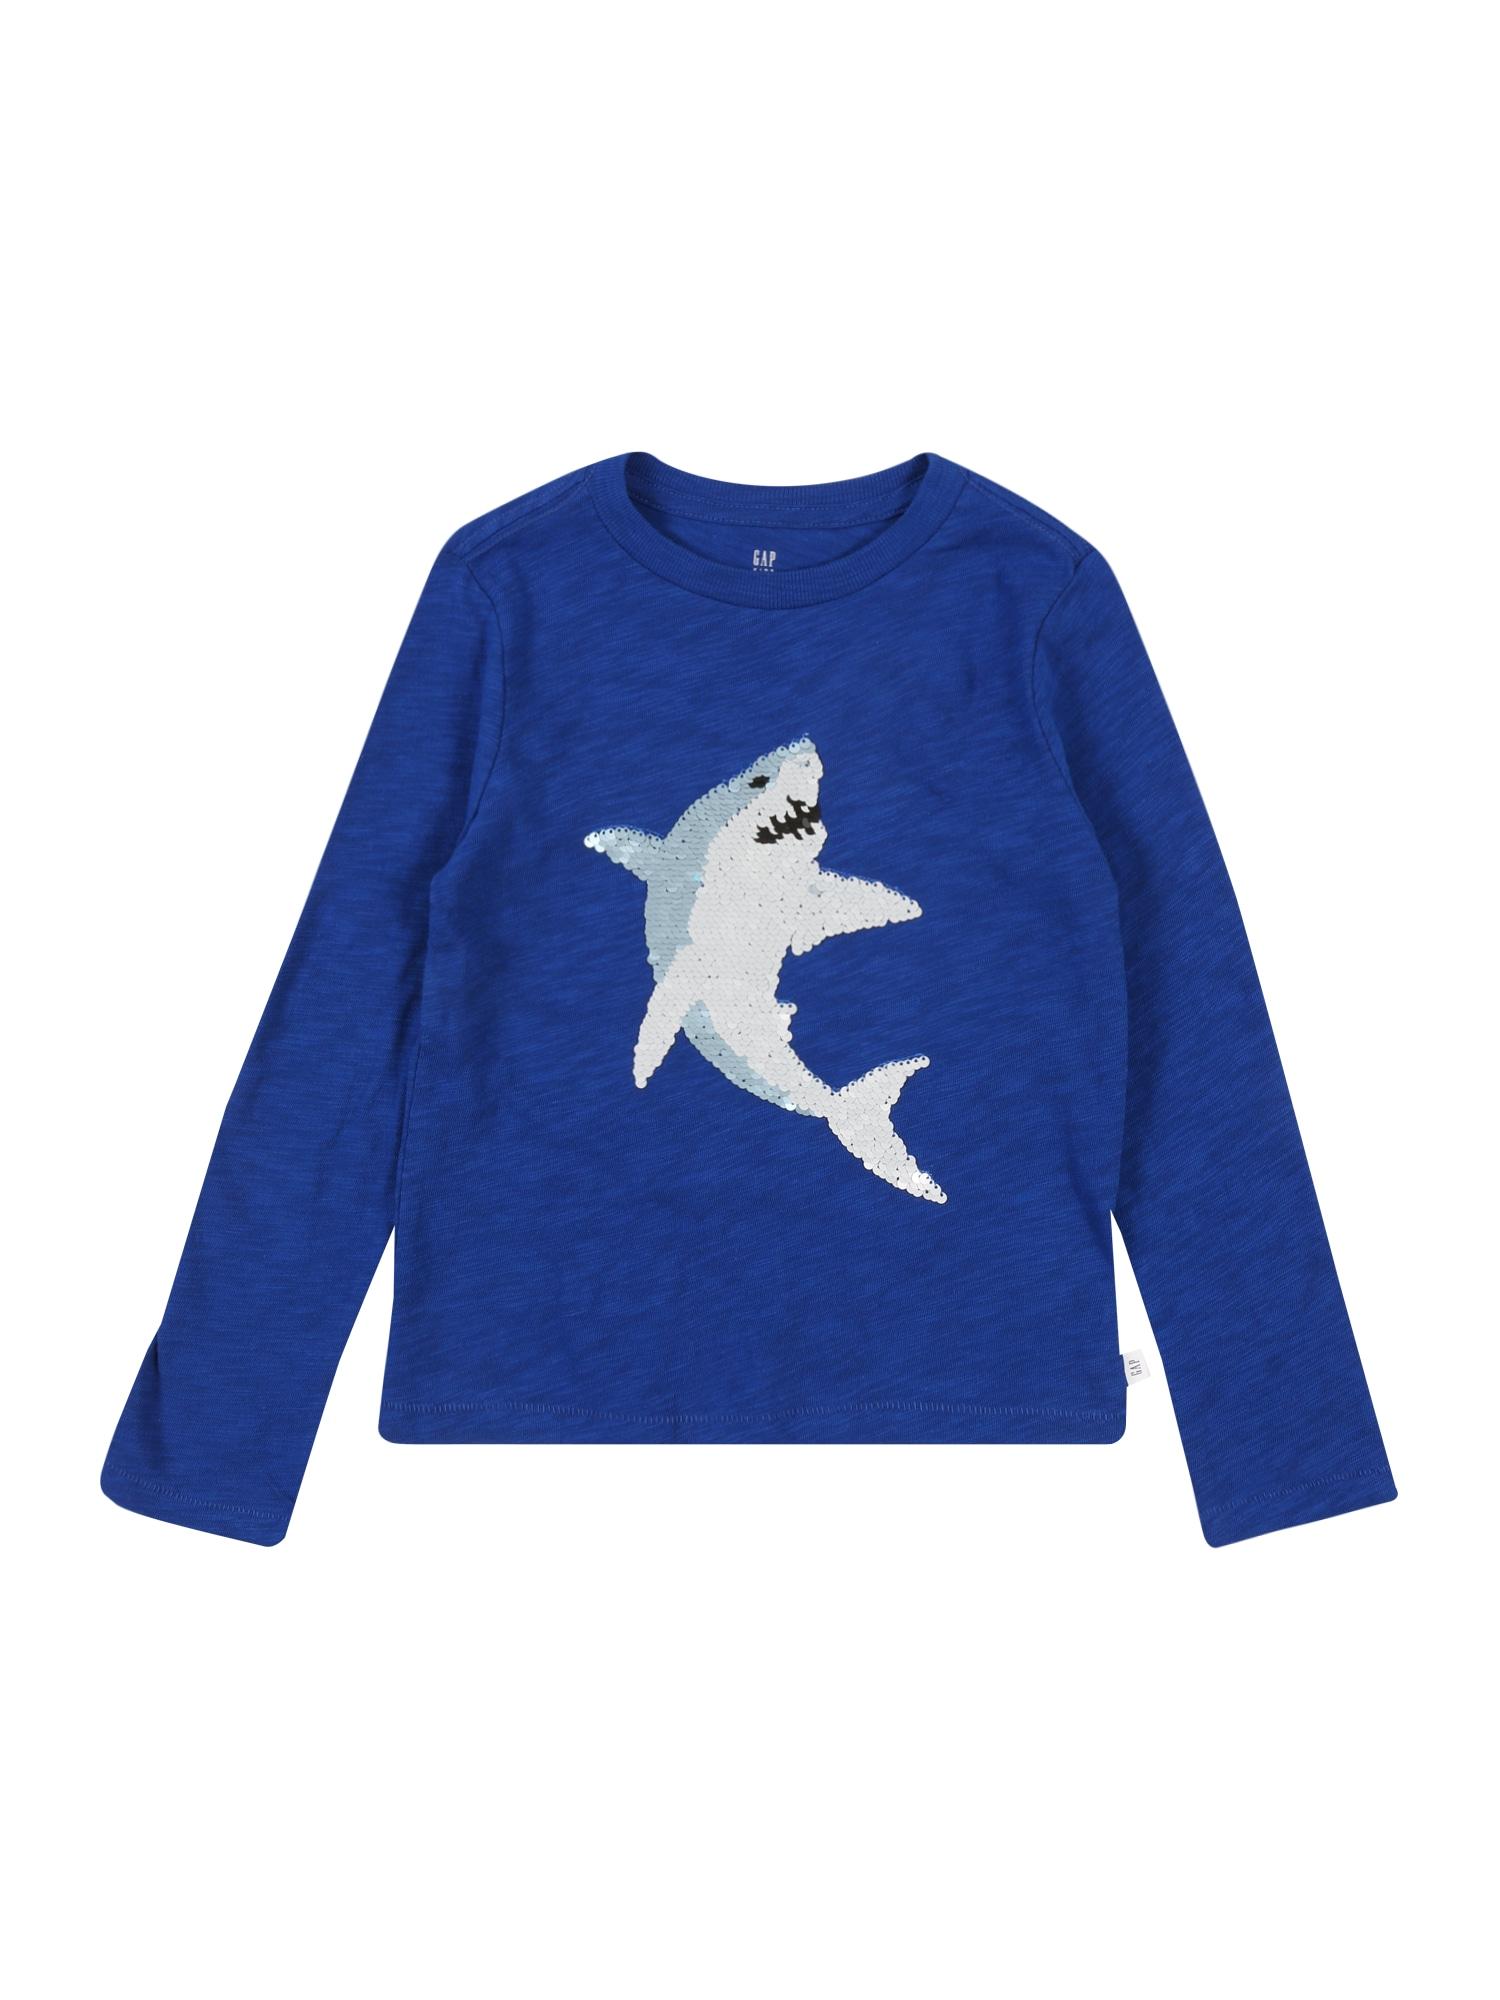 GAP Marškinėliai 'FLIPPY' mėlyna